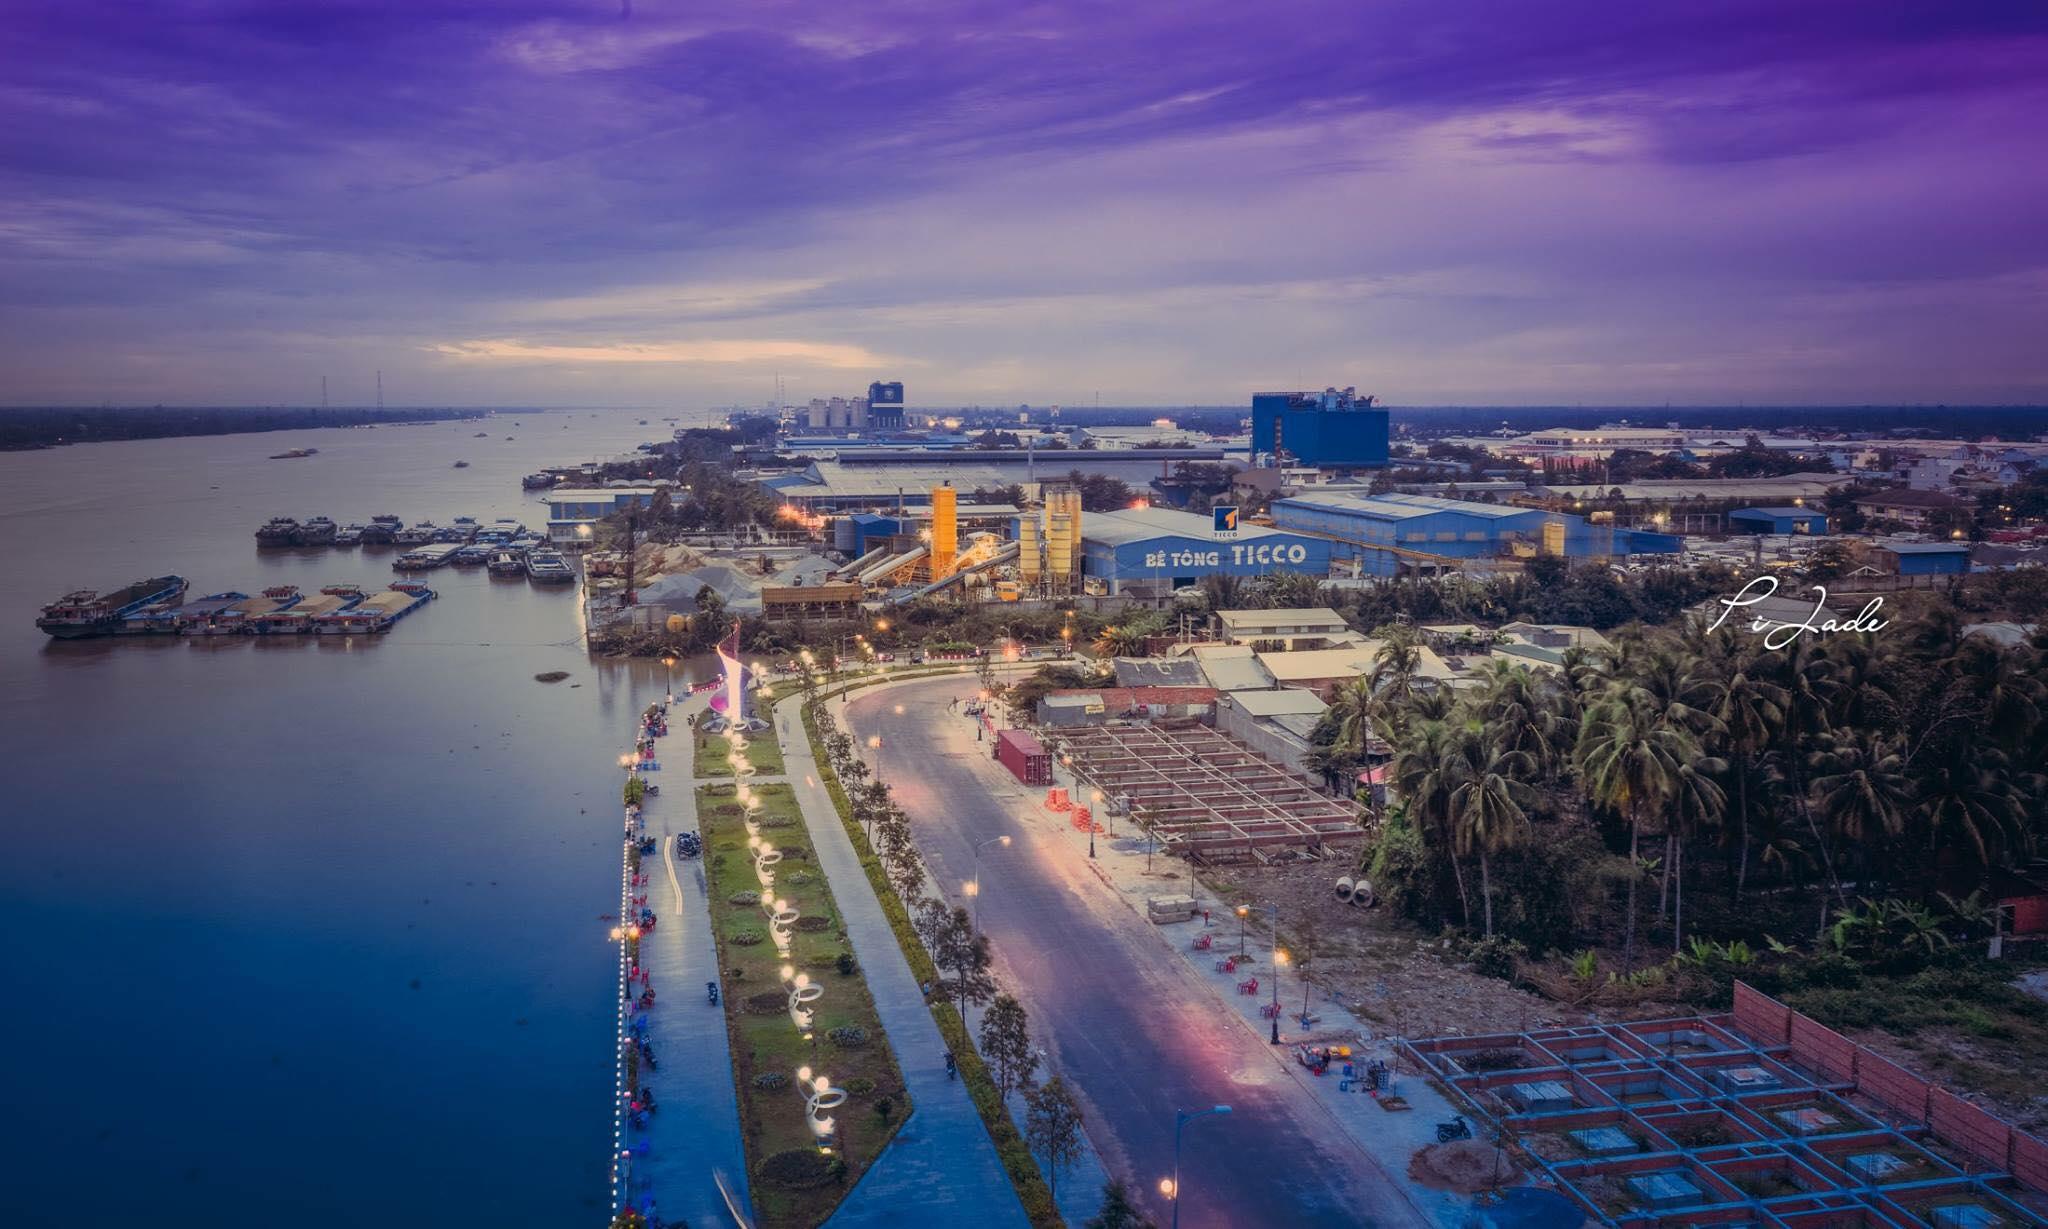 Báo cáo tóm tắt tình hình kinh tế - xã hội tỉnh Tiền Giang năm 2020